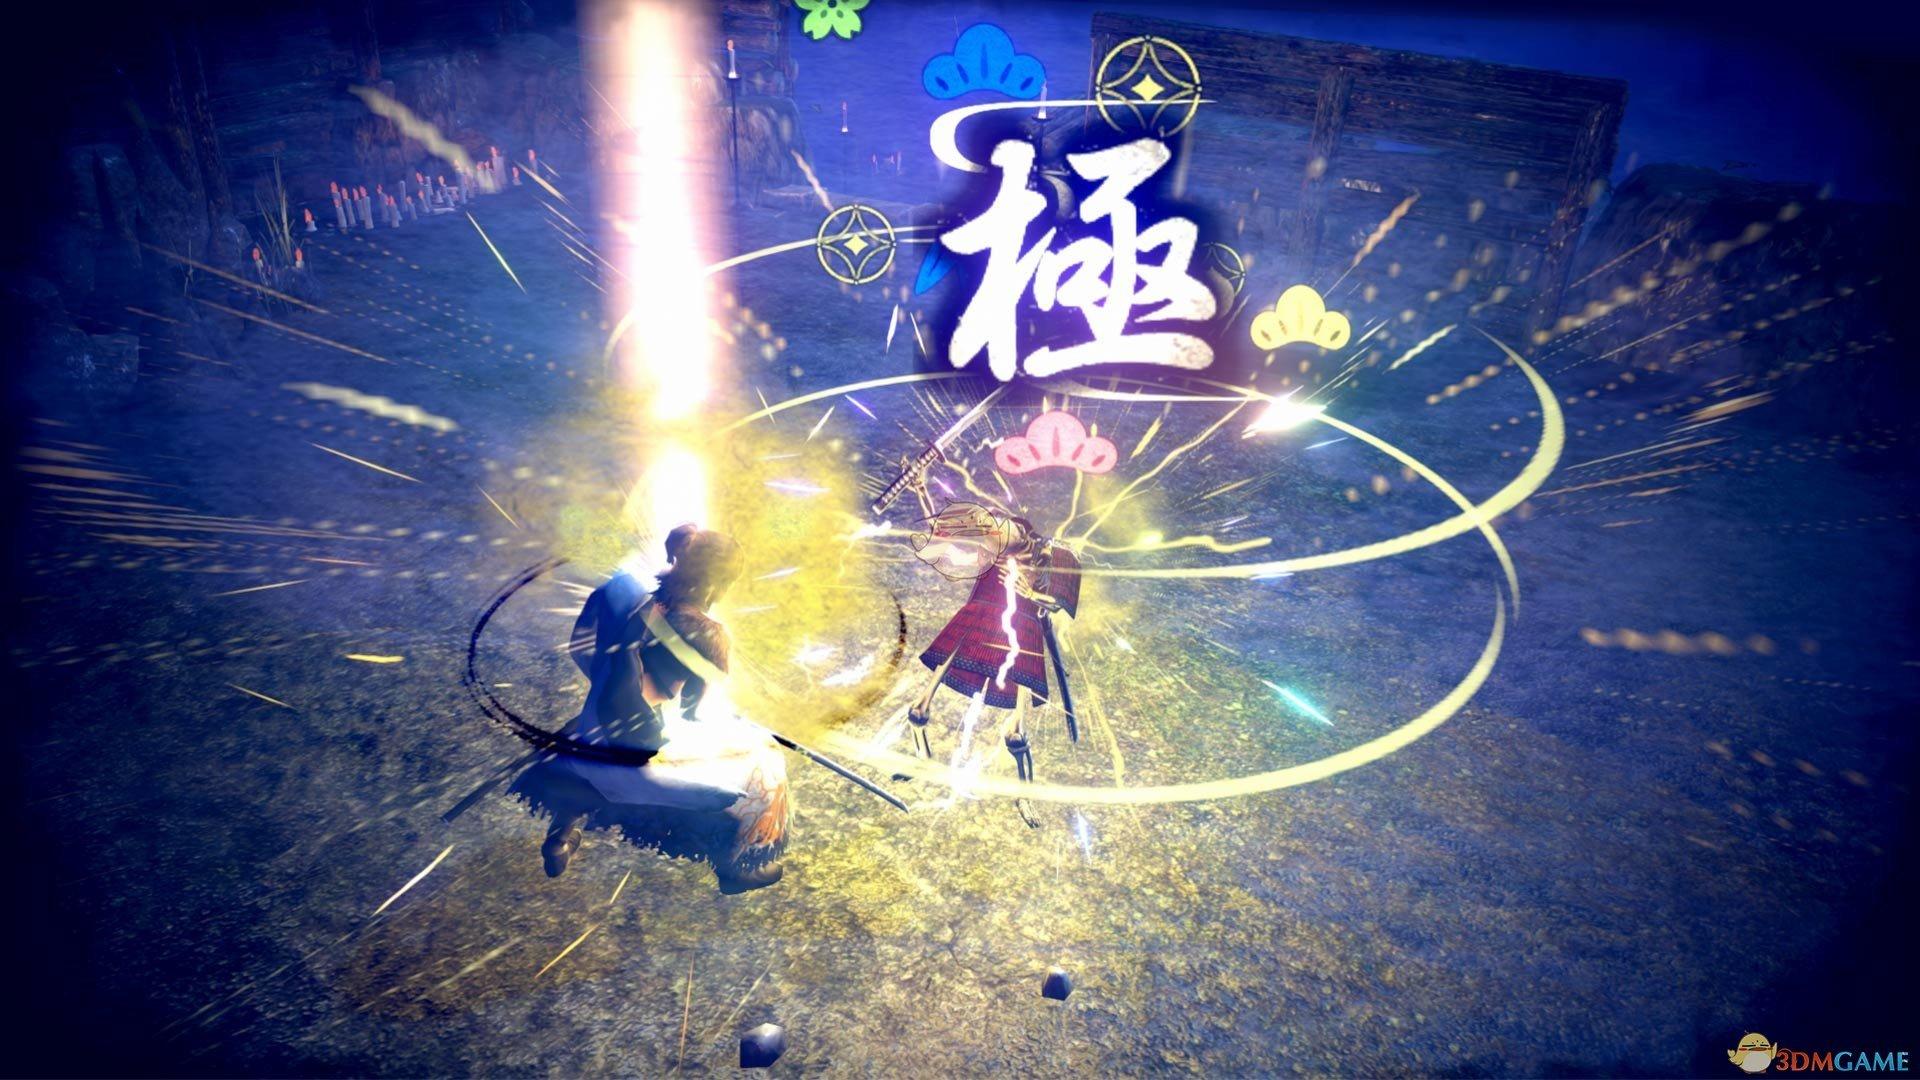 《侍道外传:刀神》游戏各阶段介绍